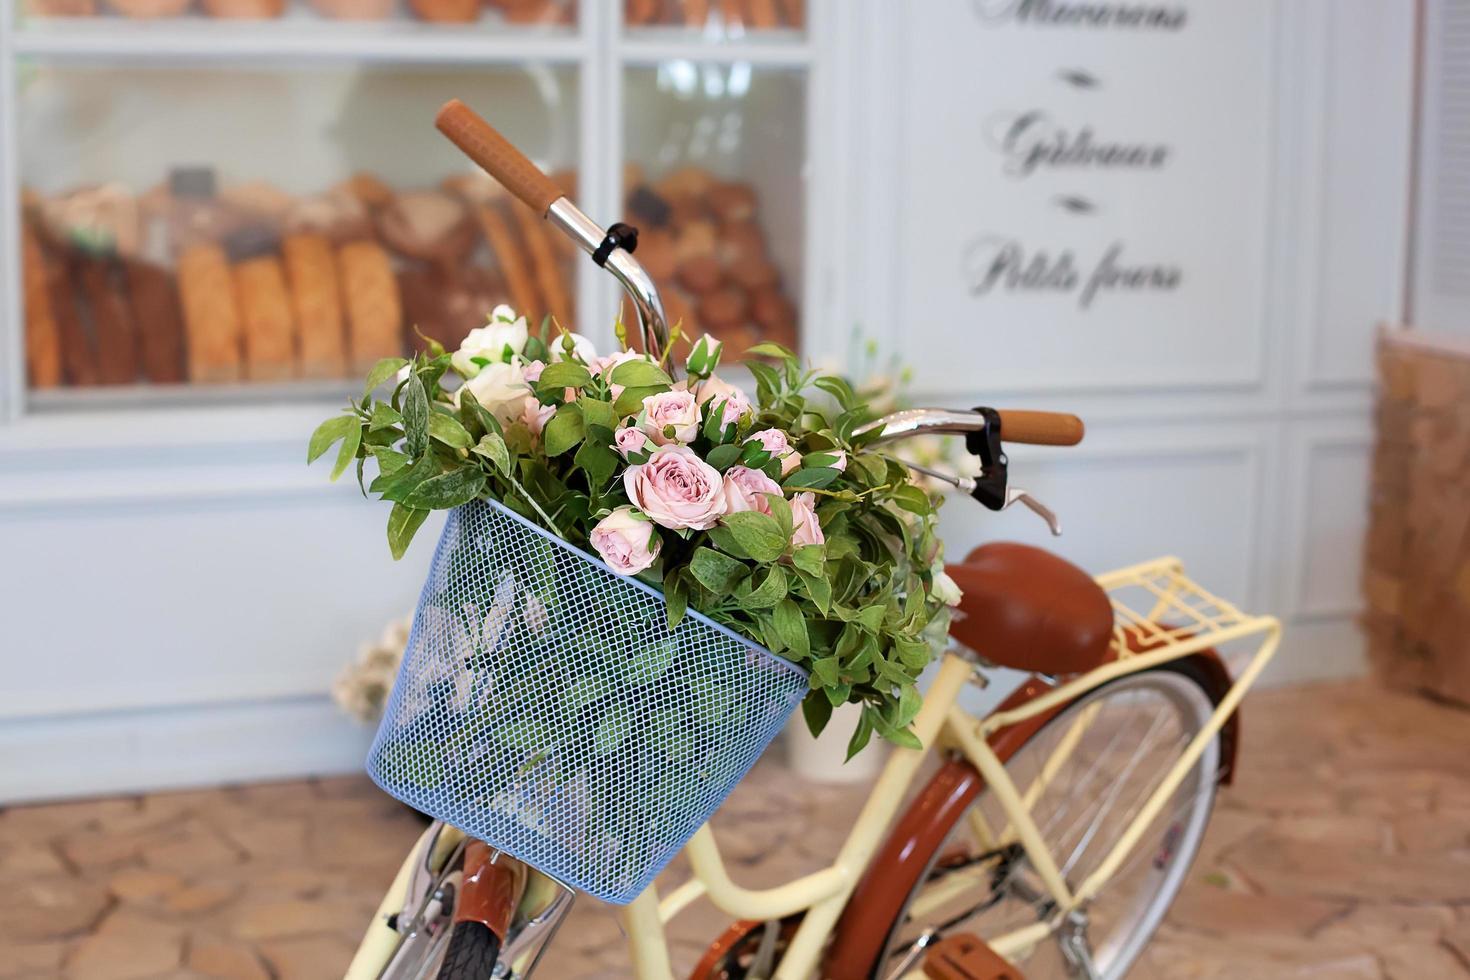 Bicicleta con una cesta de mimbre vintage con rosas foto